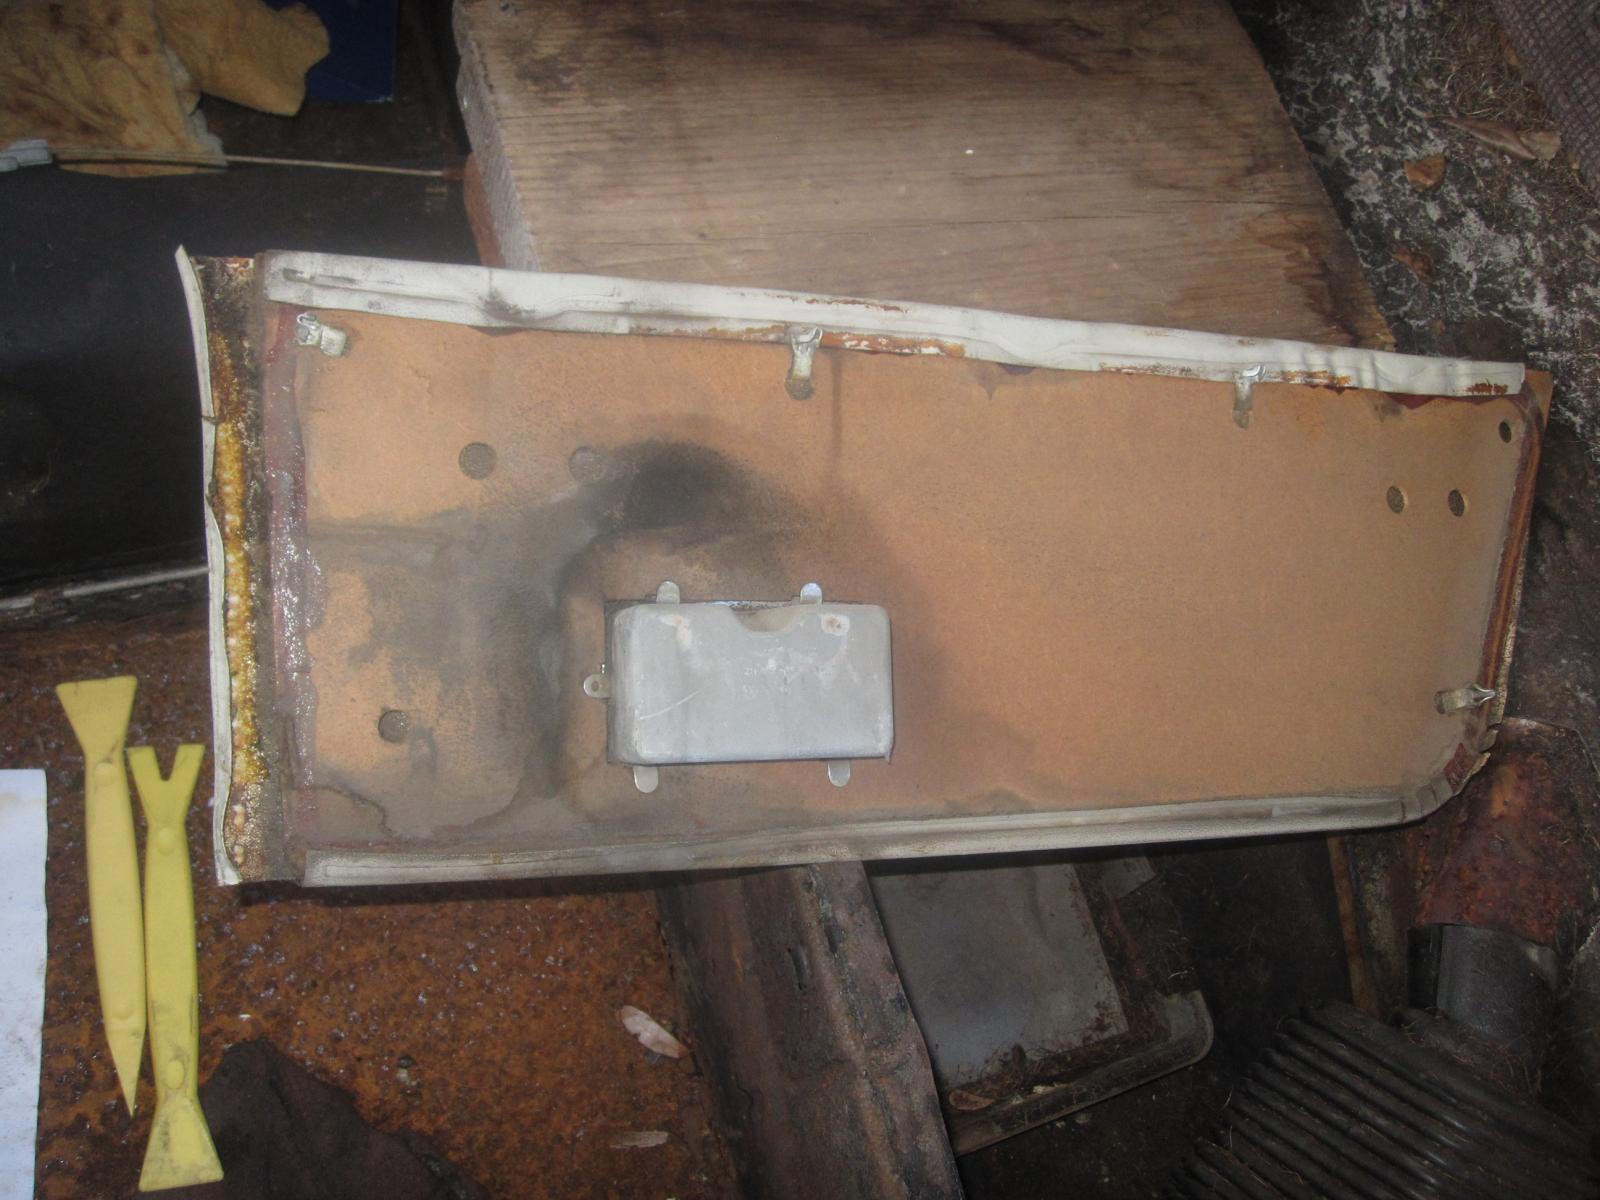 Notchback rear upper door panel removal